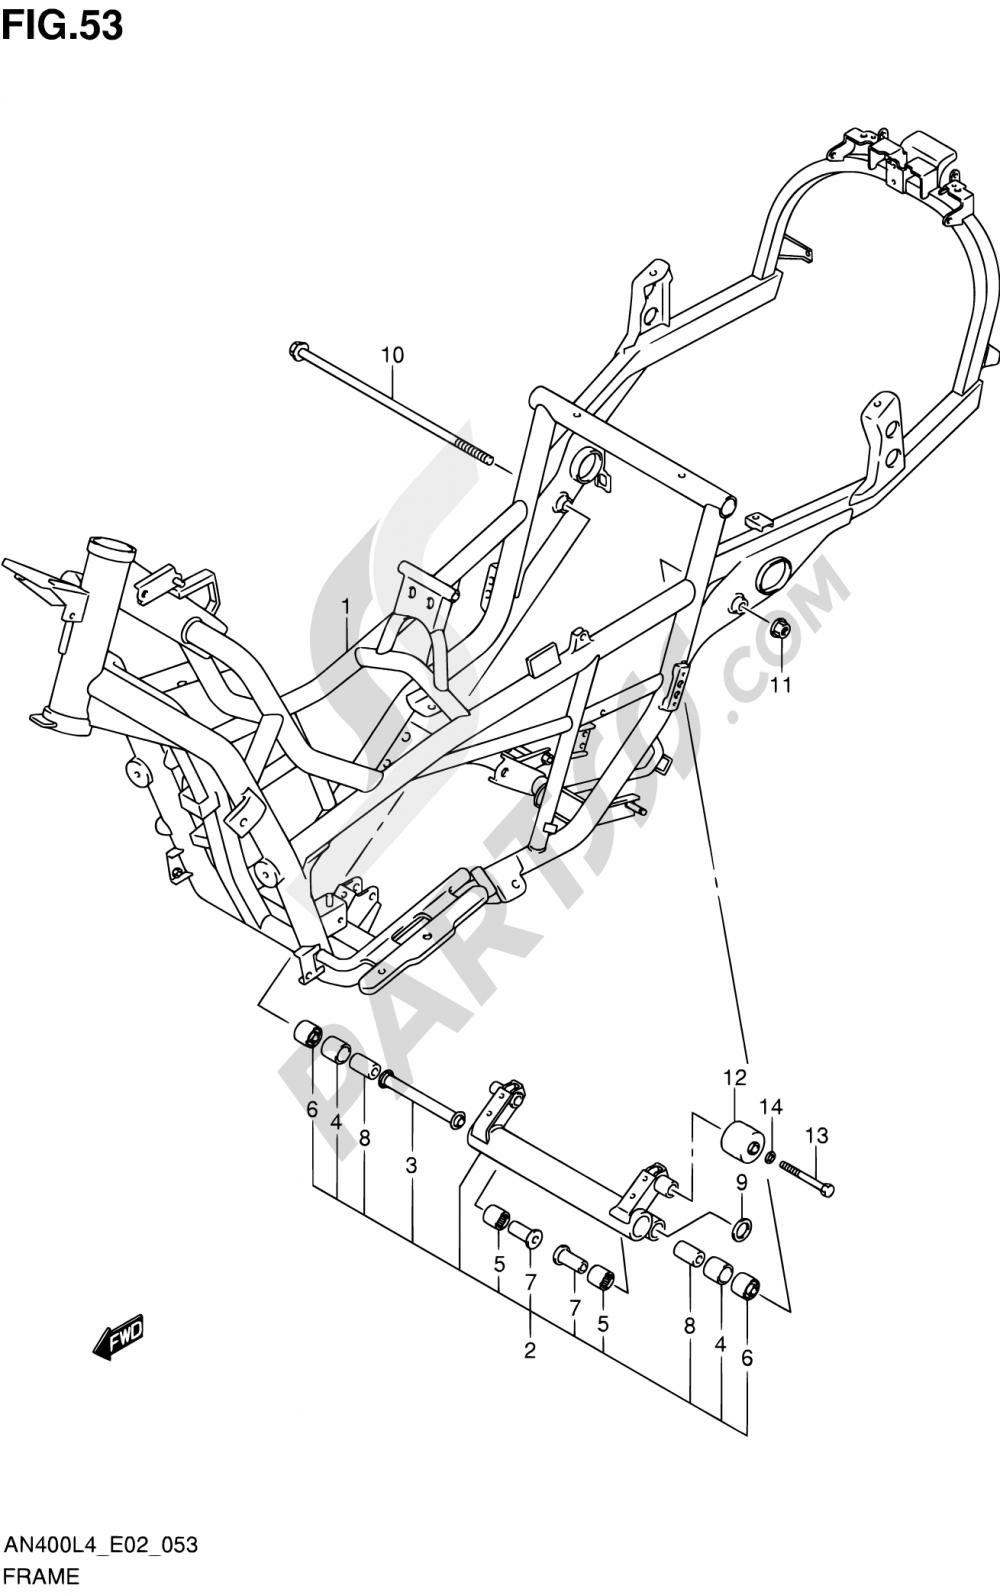 53 - FRAME (AN400L4 E19) Suzuki BURGMAN AN400A 2014